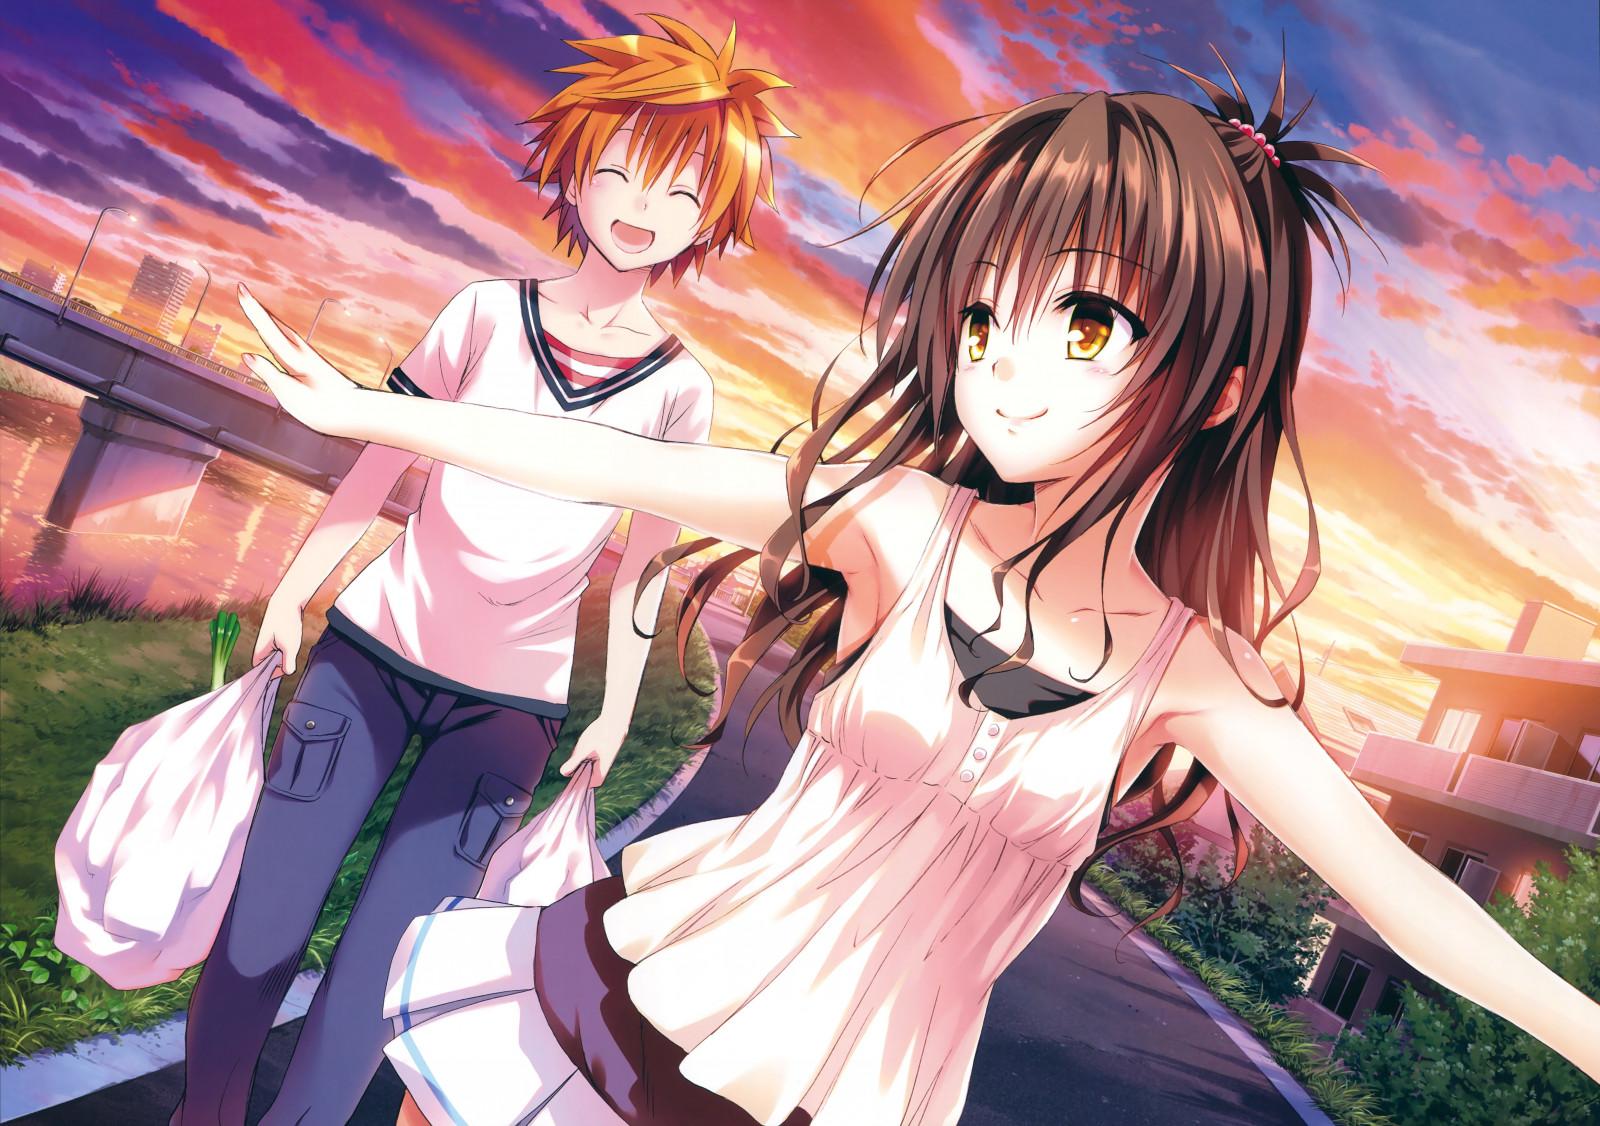 Персонажи, аниме картинки для любимой девушки